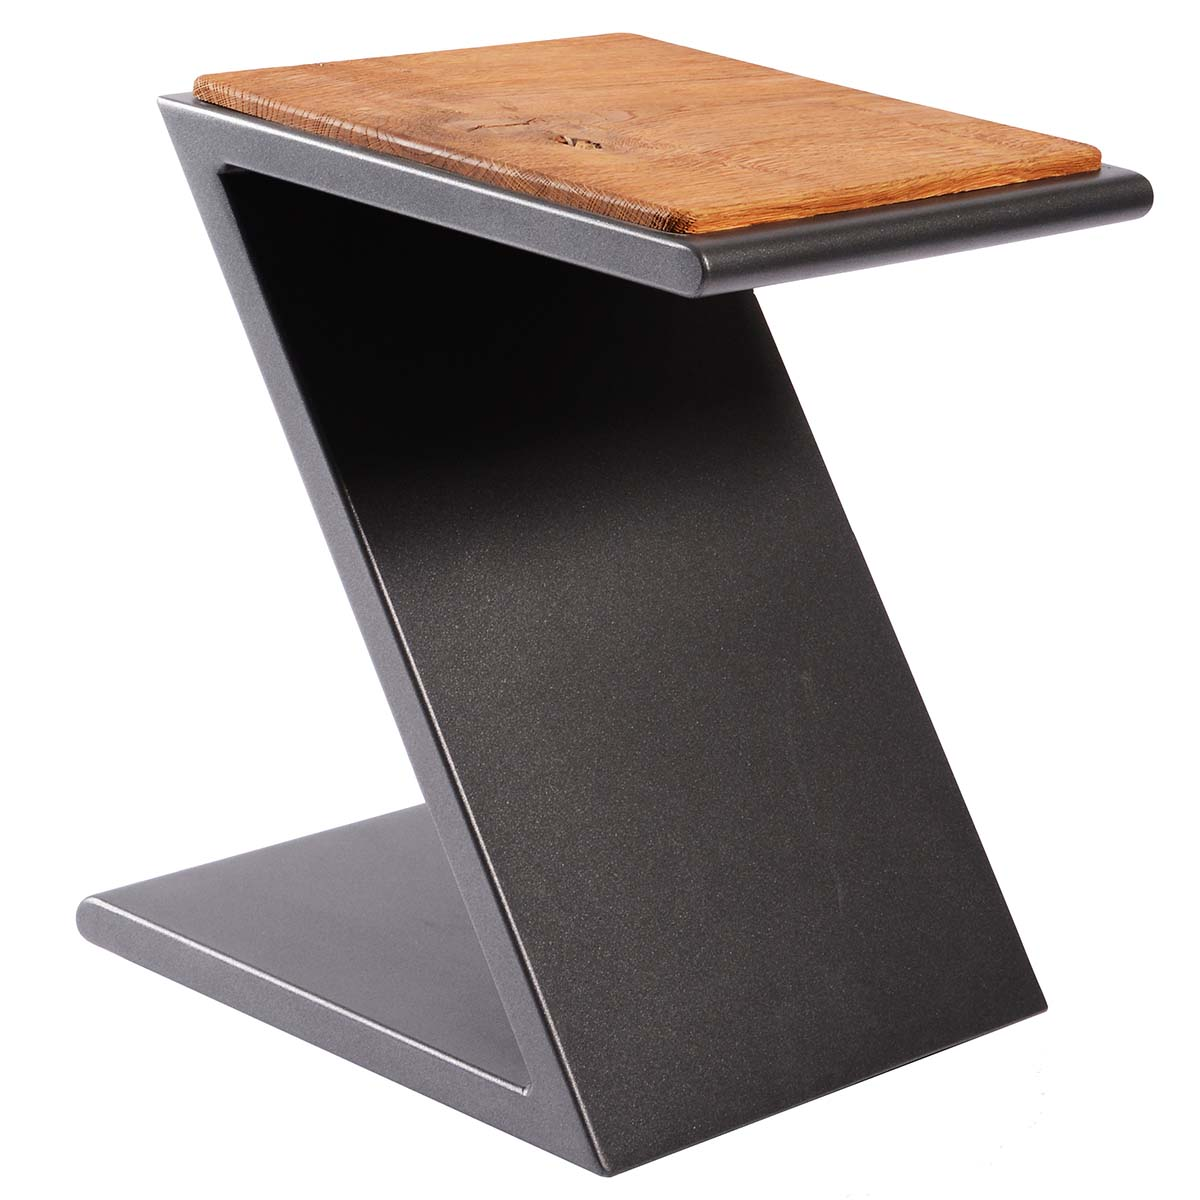 Aluminium Hocker mit Sitzfläche aus Eiche, stapelbar